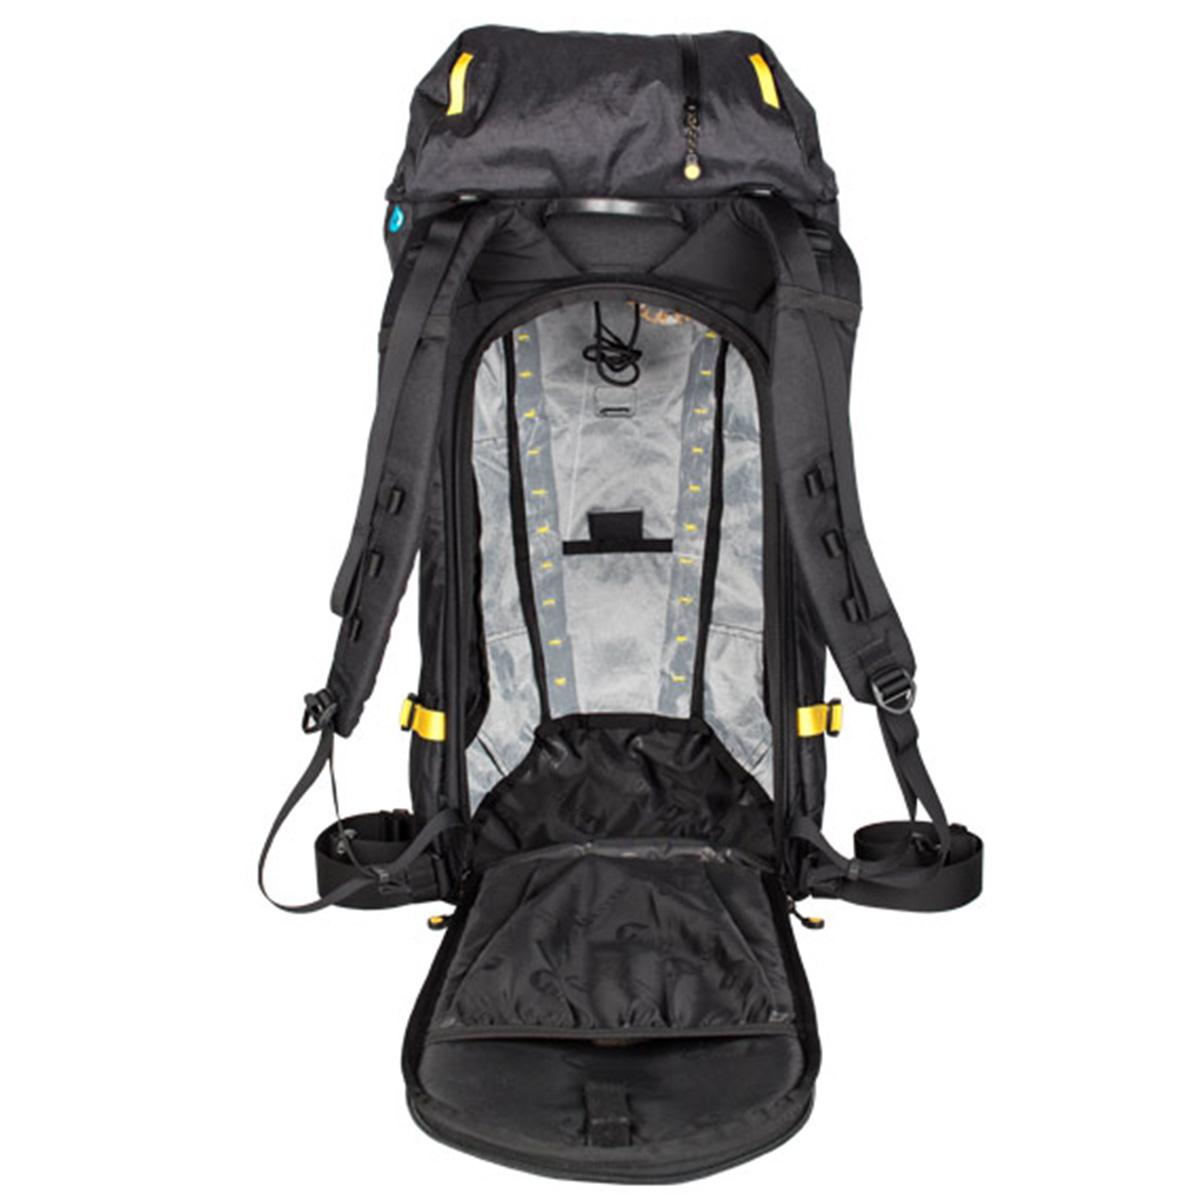 1bbaa86b85 Climbing backpack Grivel Zen 35 Grivel Zen 35